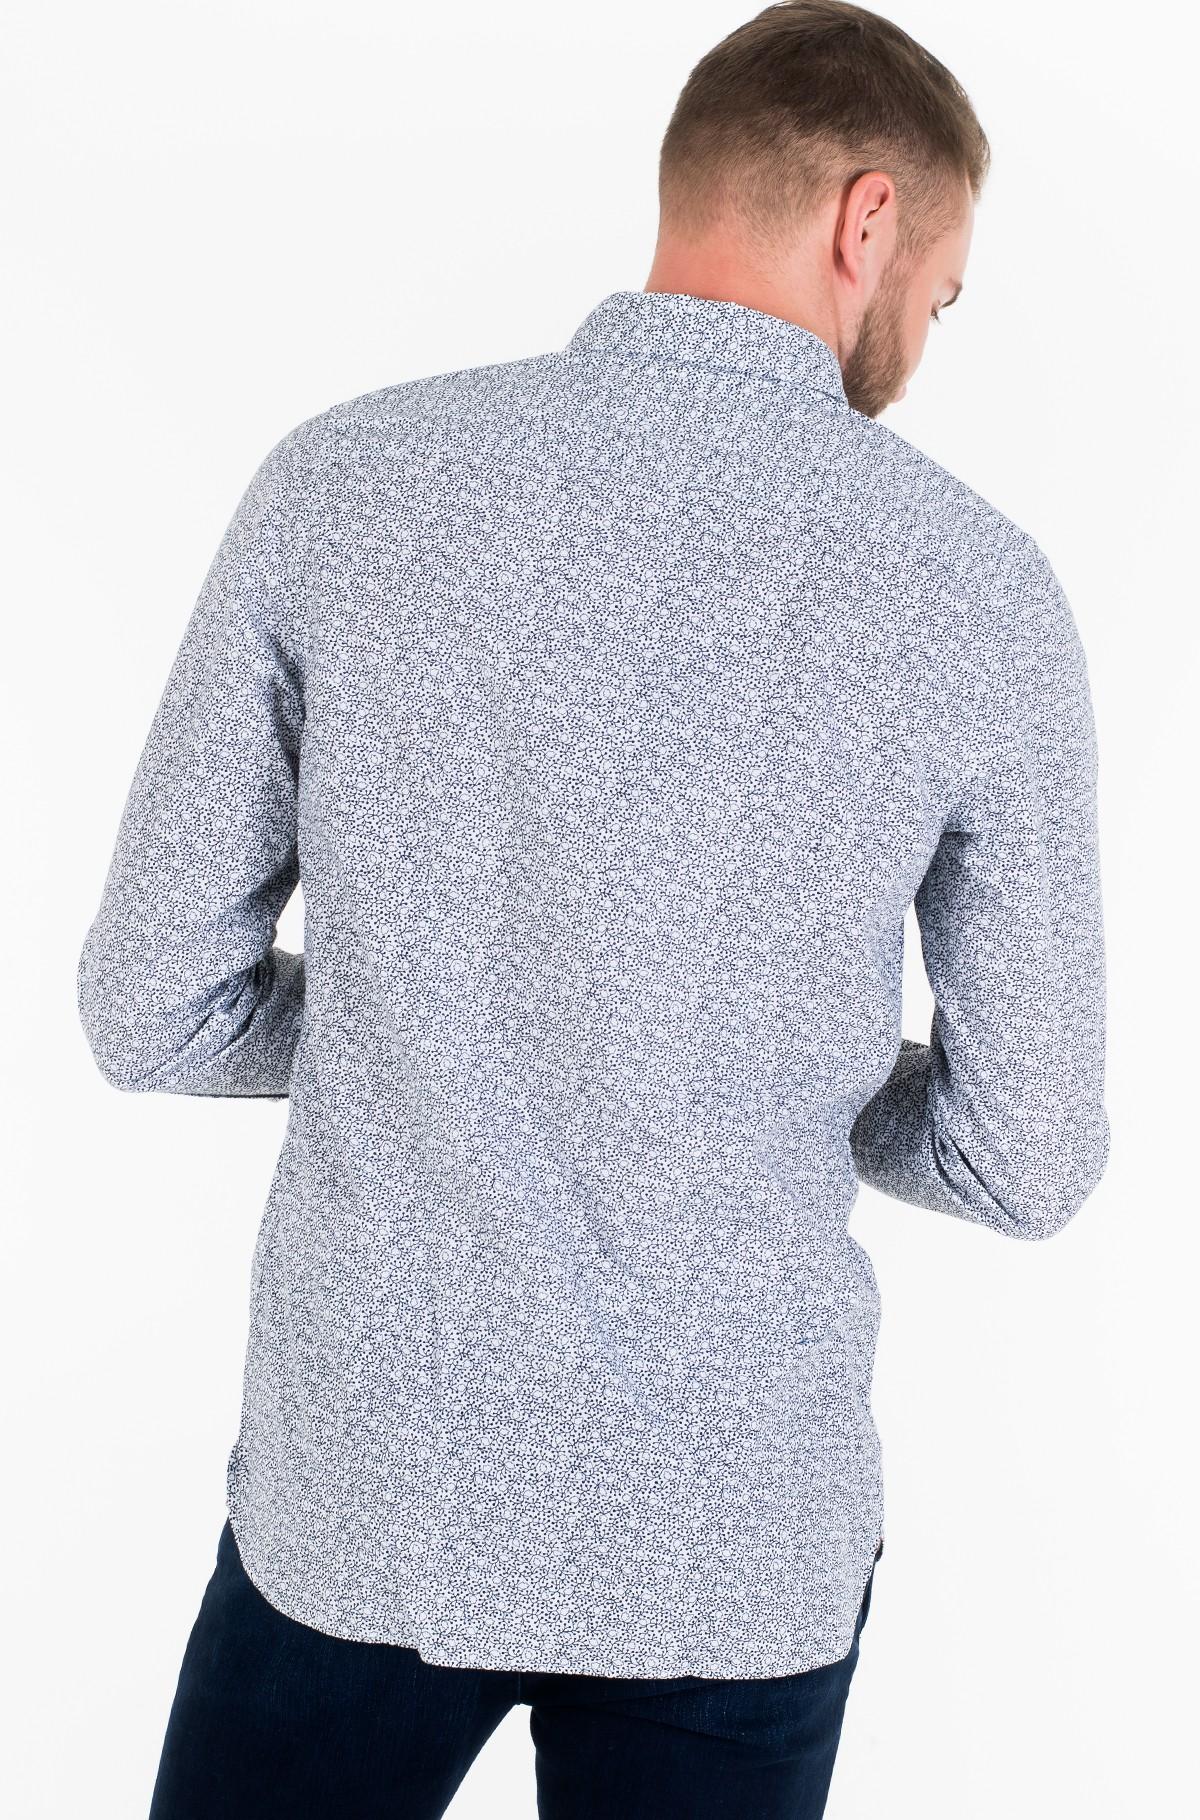 Marškiniai WCC SLIM FLOWER PRINT SHIRT-full-2